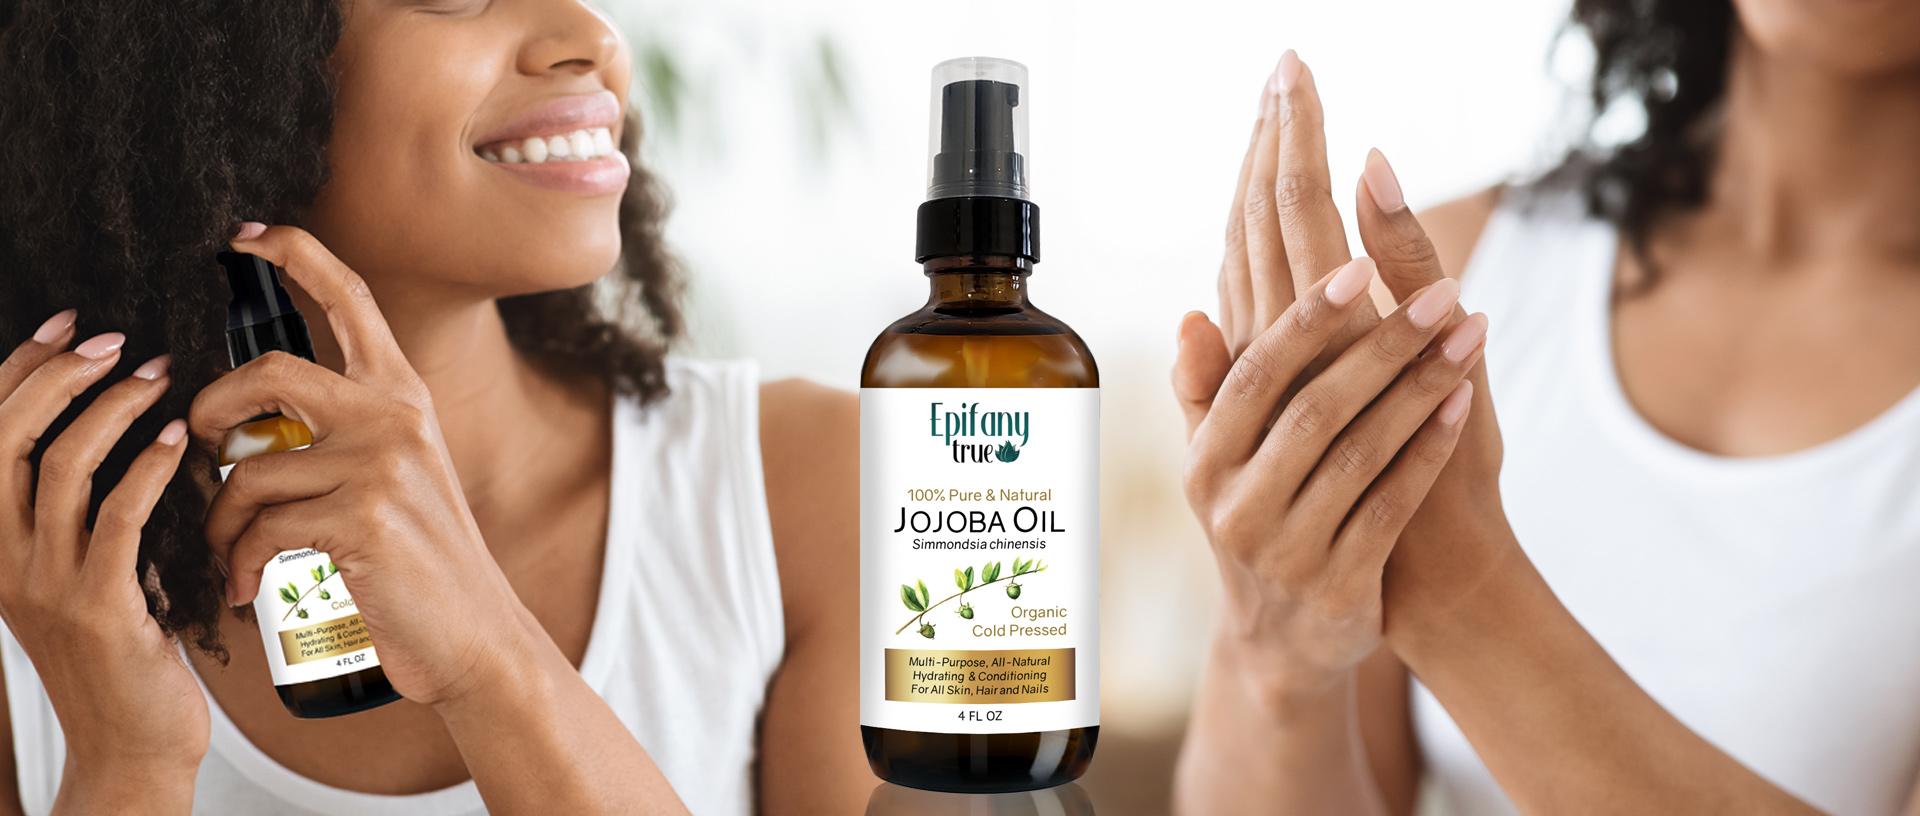 Epifany True Organic Jojoba Oil